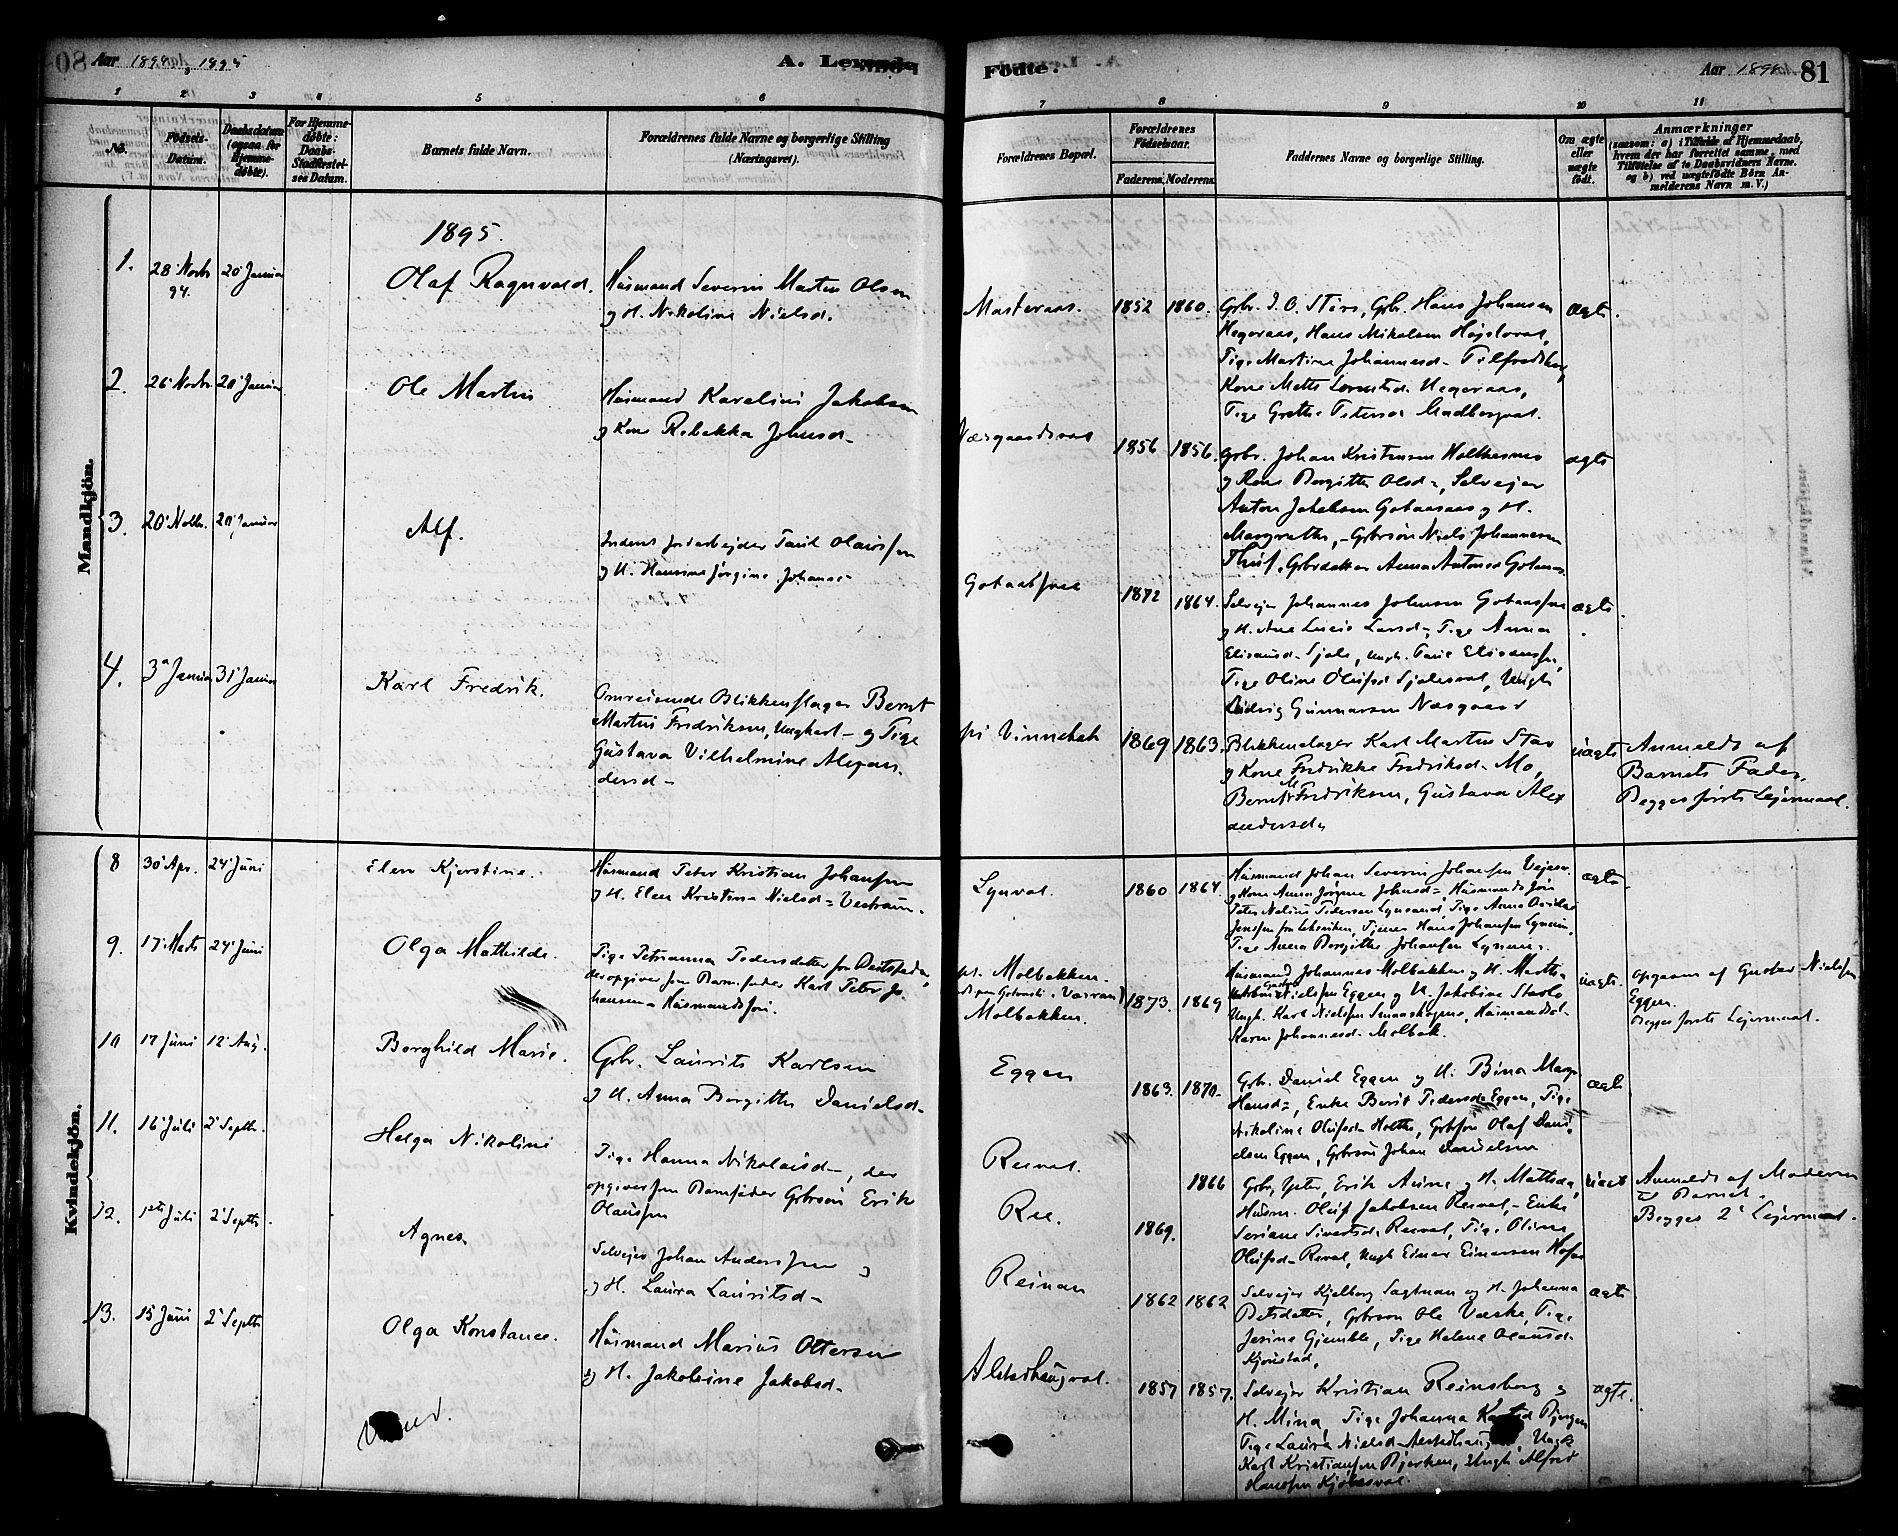 SAT, Ministerialprotokoller, klokkerbøker og fødselsregistre - Nord-Trøndelag, 717/L0159: Ministerialbok nr. 717A09, 1878-1898, s. 81